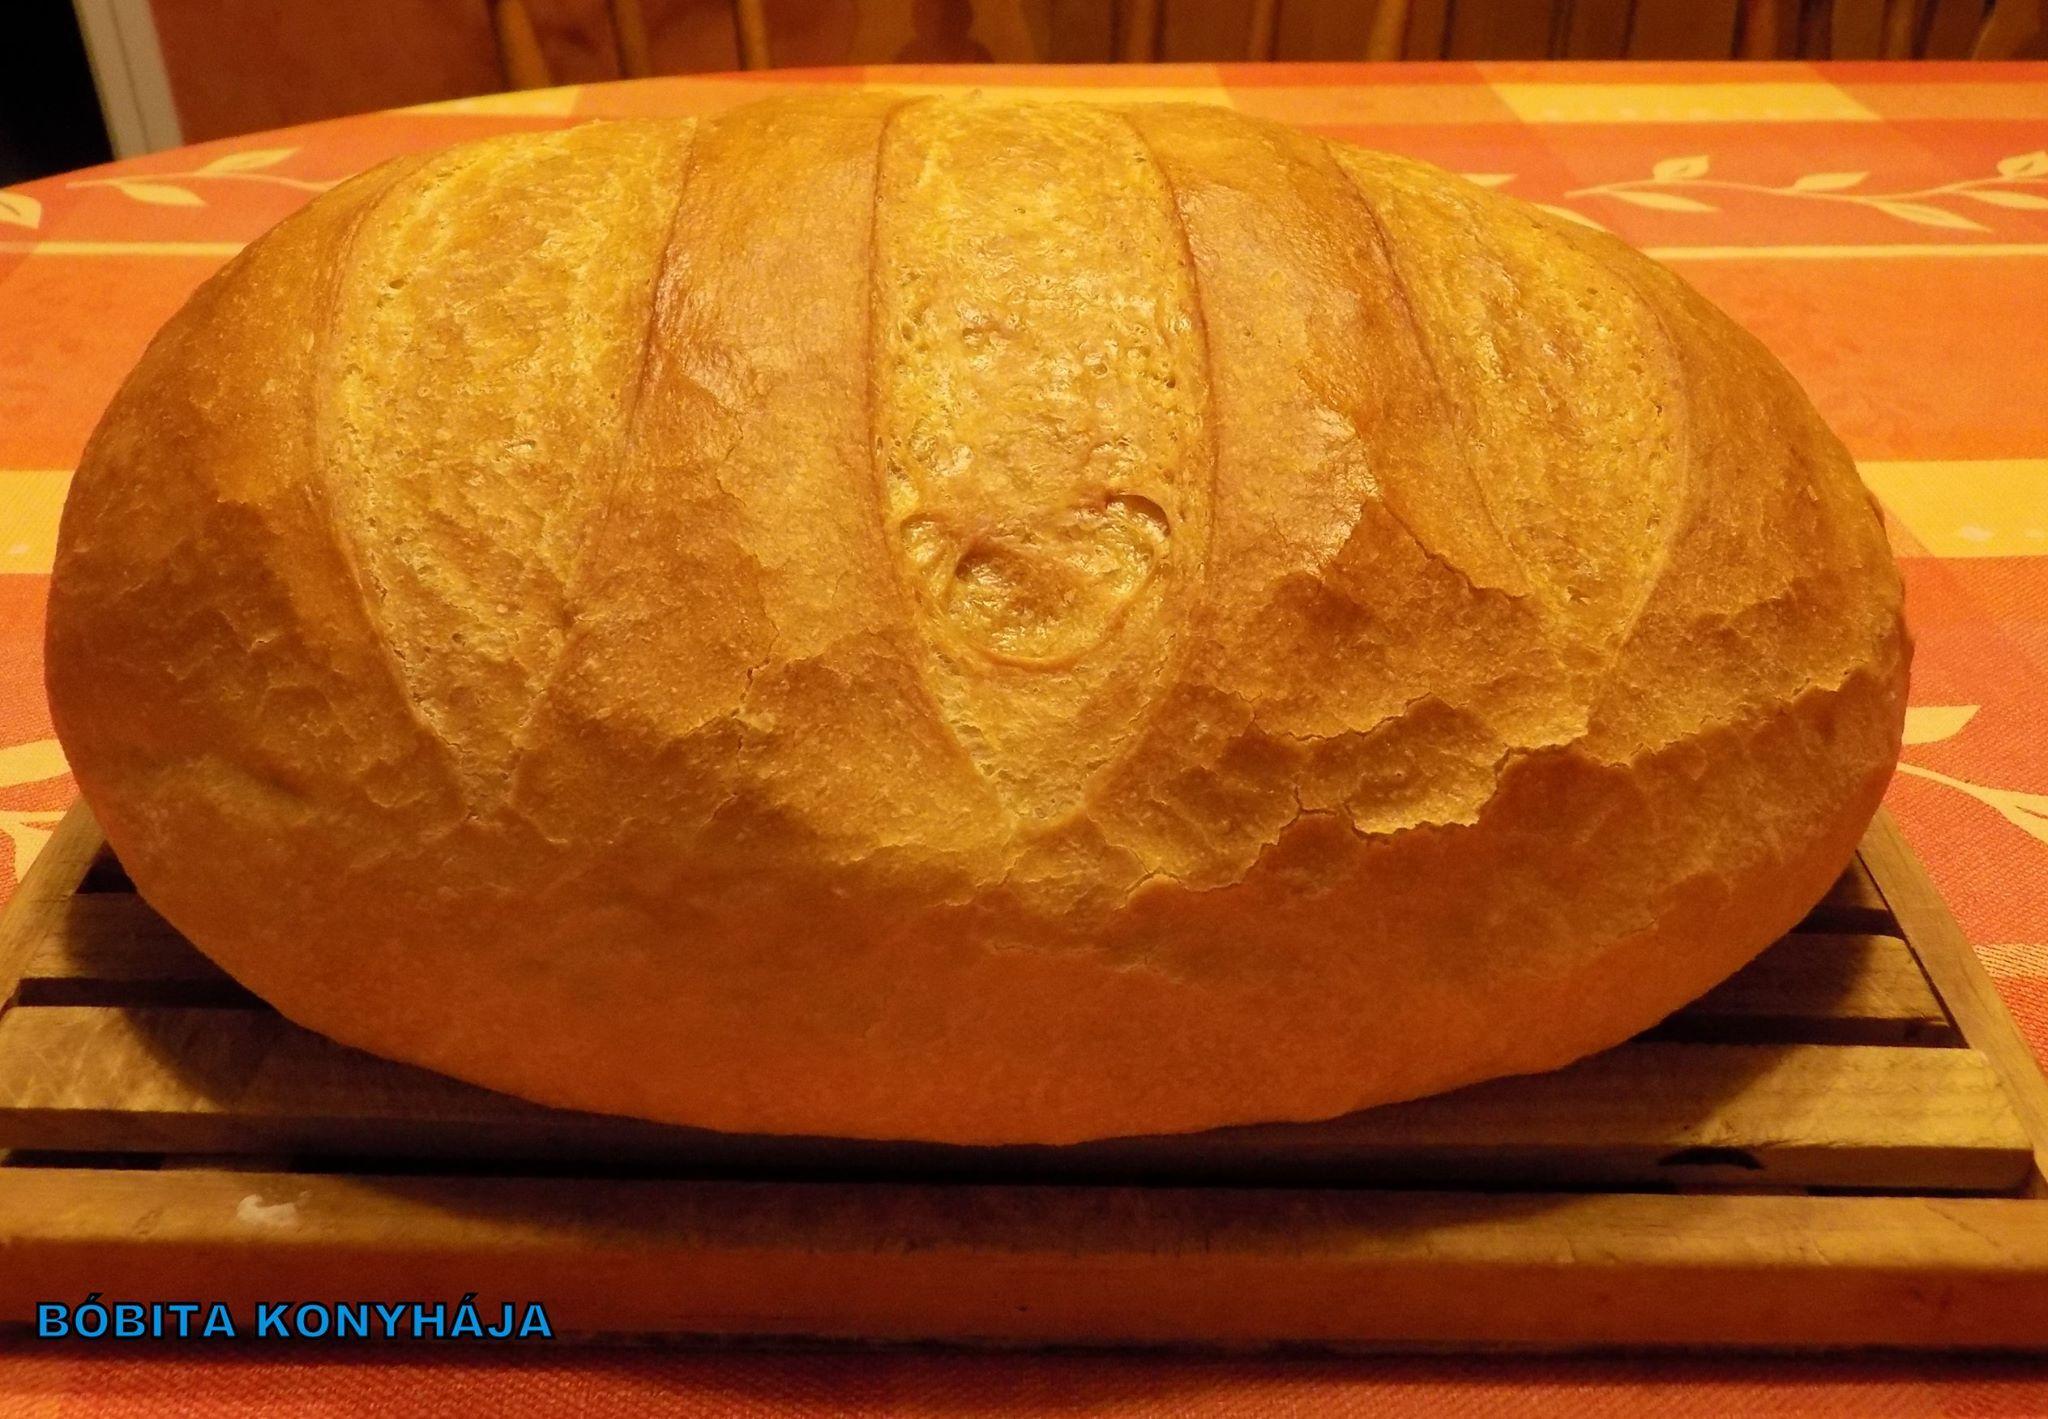 Boboita konyhaja: Fehér kenyér, ahogy én készítem...  Először kovászt készítek:   10 dkg finom liszt  10 dkg rétes liszt  2 dkg élesztő 1 e.k. étolaj  1 k.k. cukor  2 dl langyos víz  Általában este készítem, de most kb. 4 órával a sütés előtt készítettem.